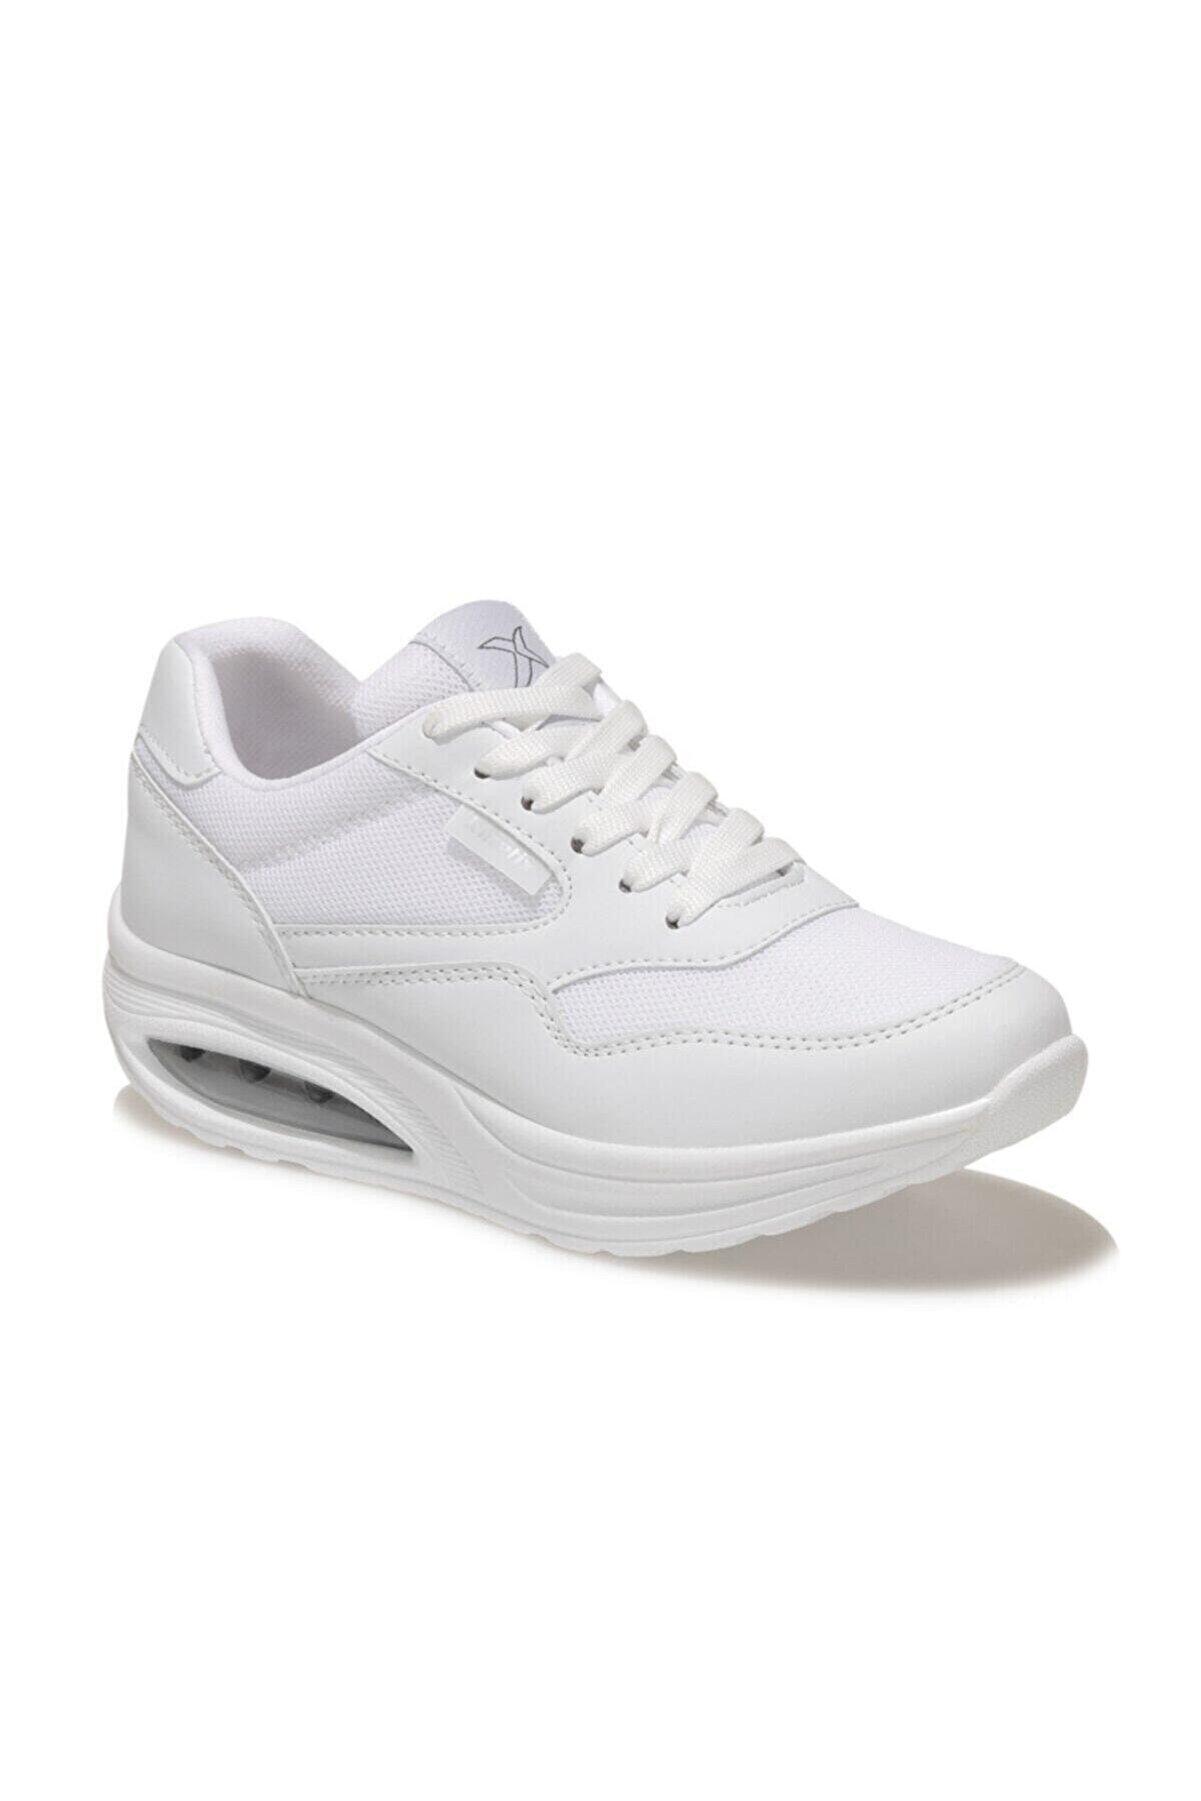 Kinetix ANETA TX W 1FX Beyaz Kadın Sneaker Ayakkabı 100781883